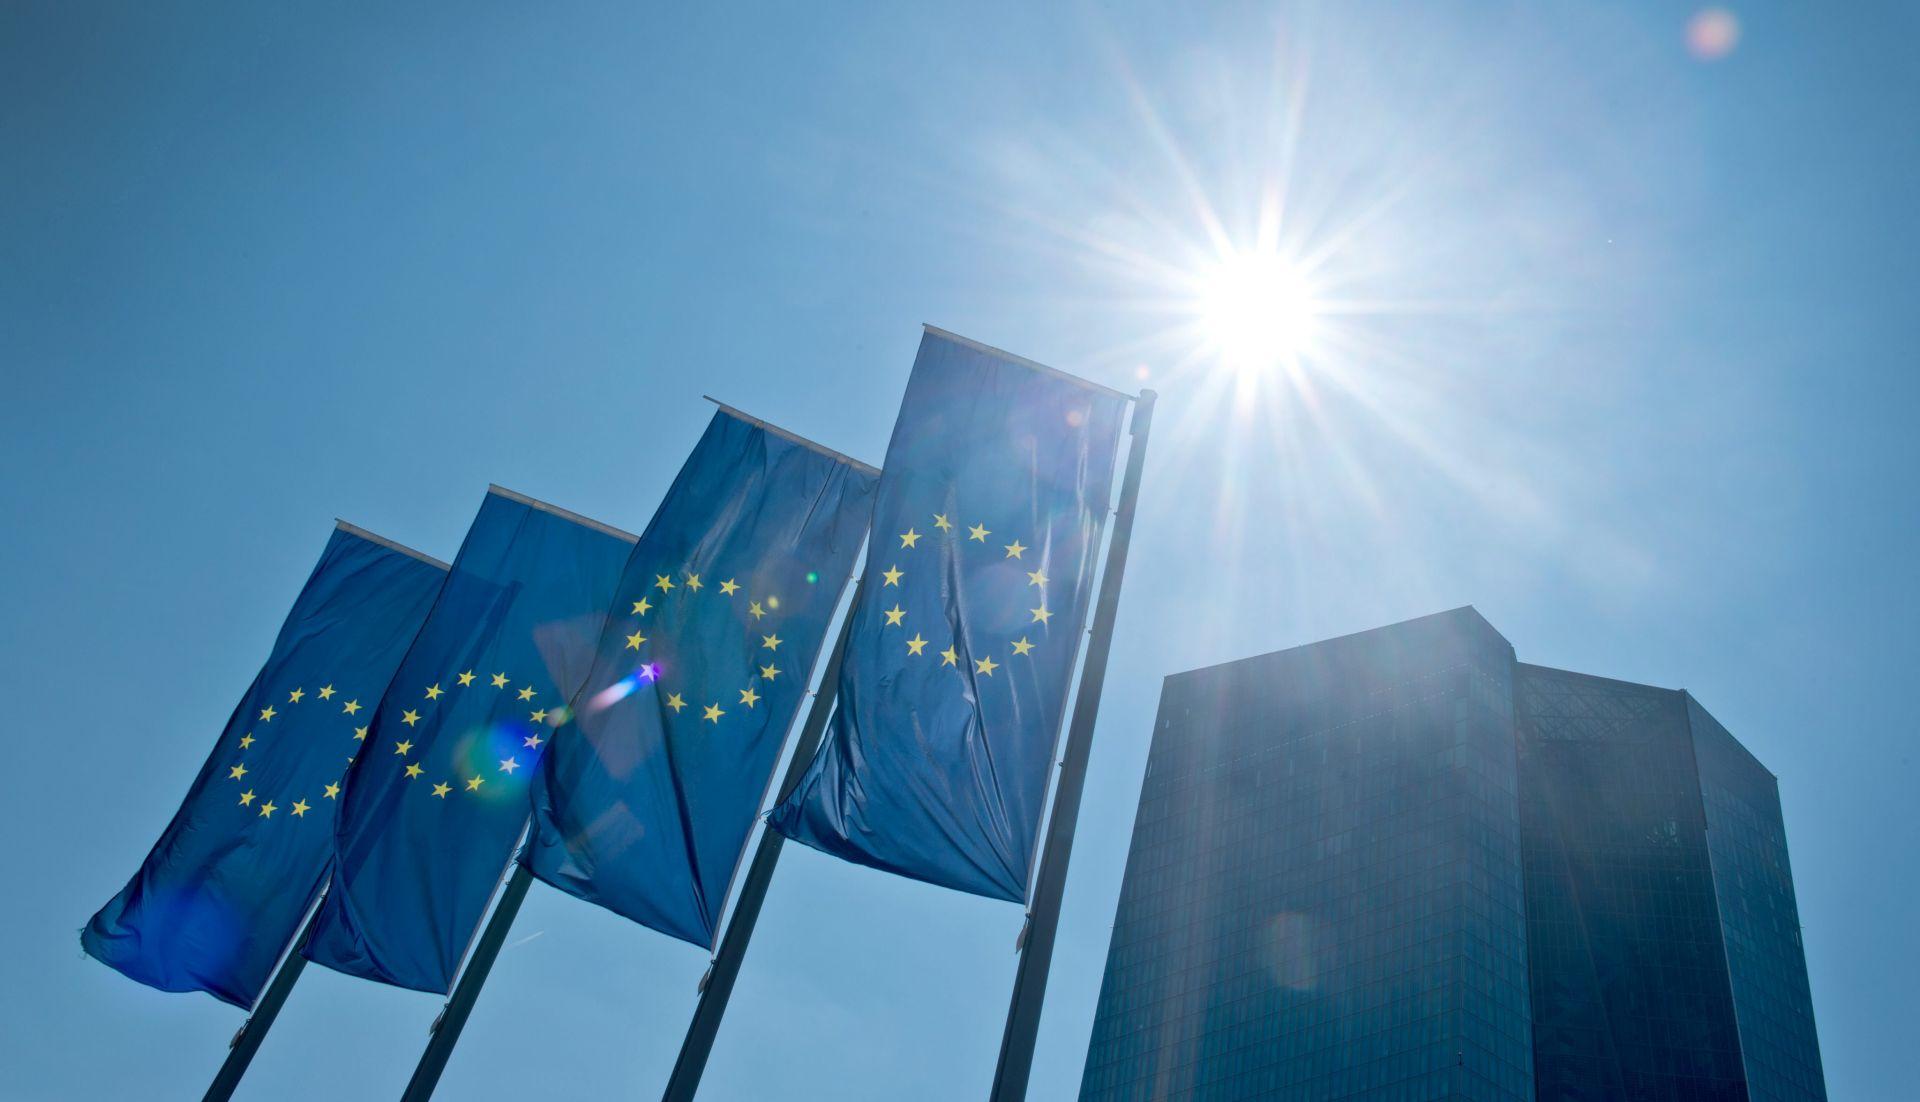 Niska inflacija u Njemačkoj, što je dobro za hrvatske dužnike